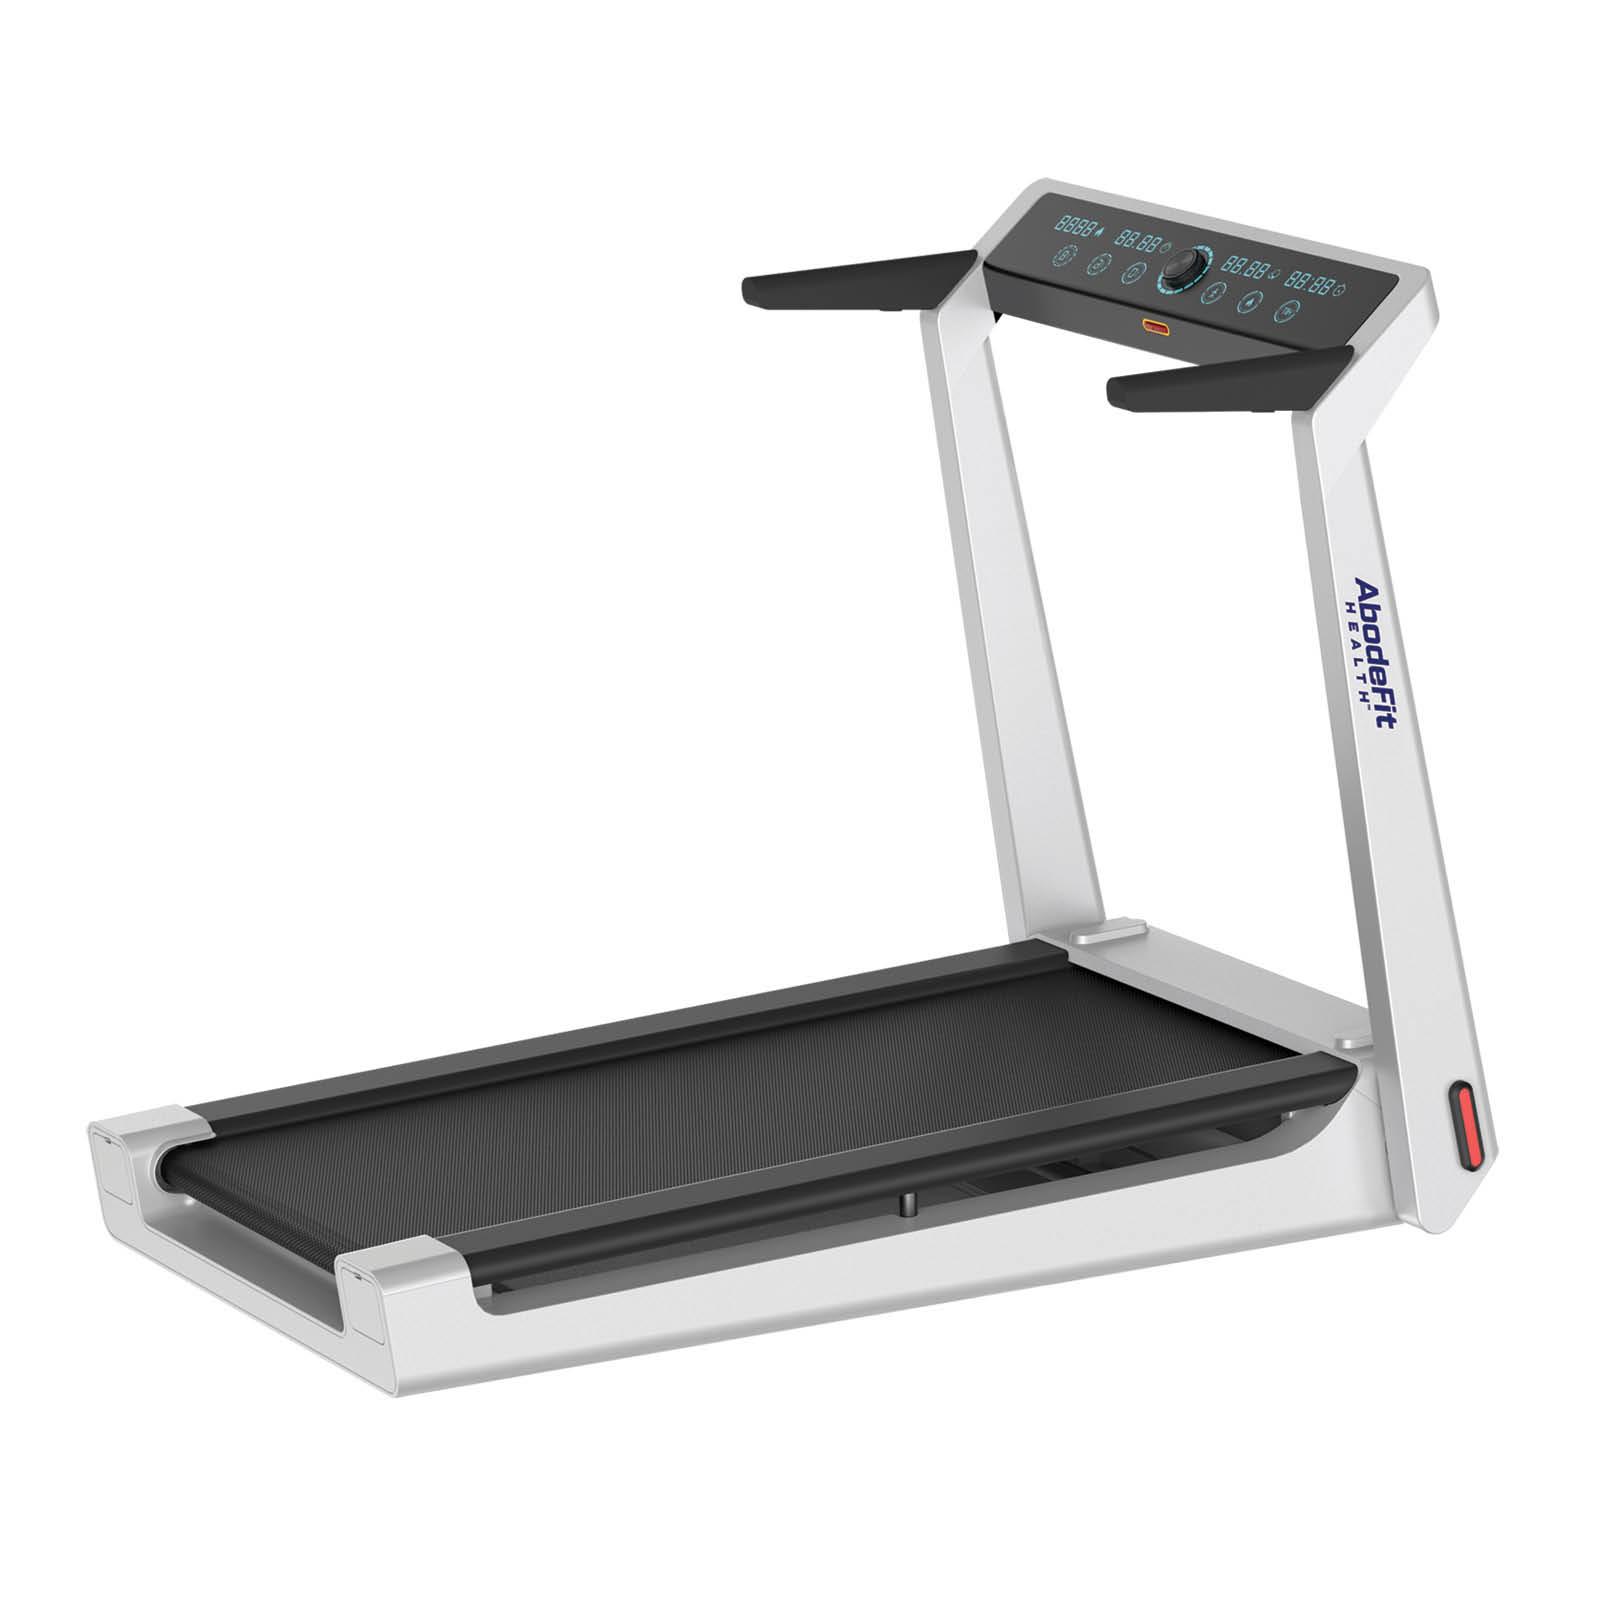 WalkSlim 920 Treadmill